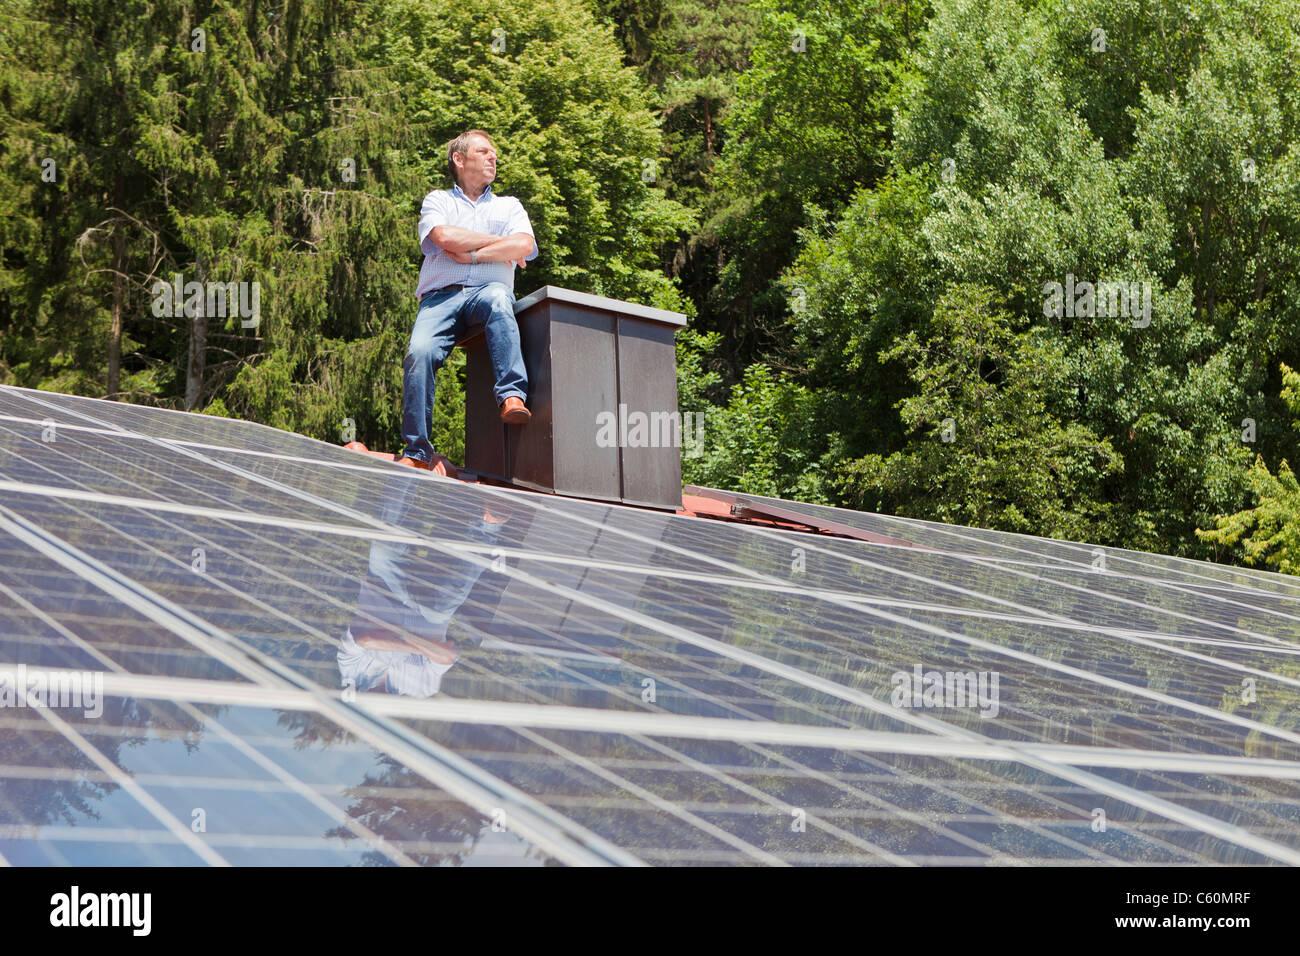 Hombre de pie sobre el techo con paneles solares Imagen De Stock